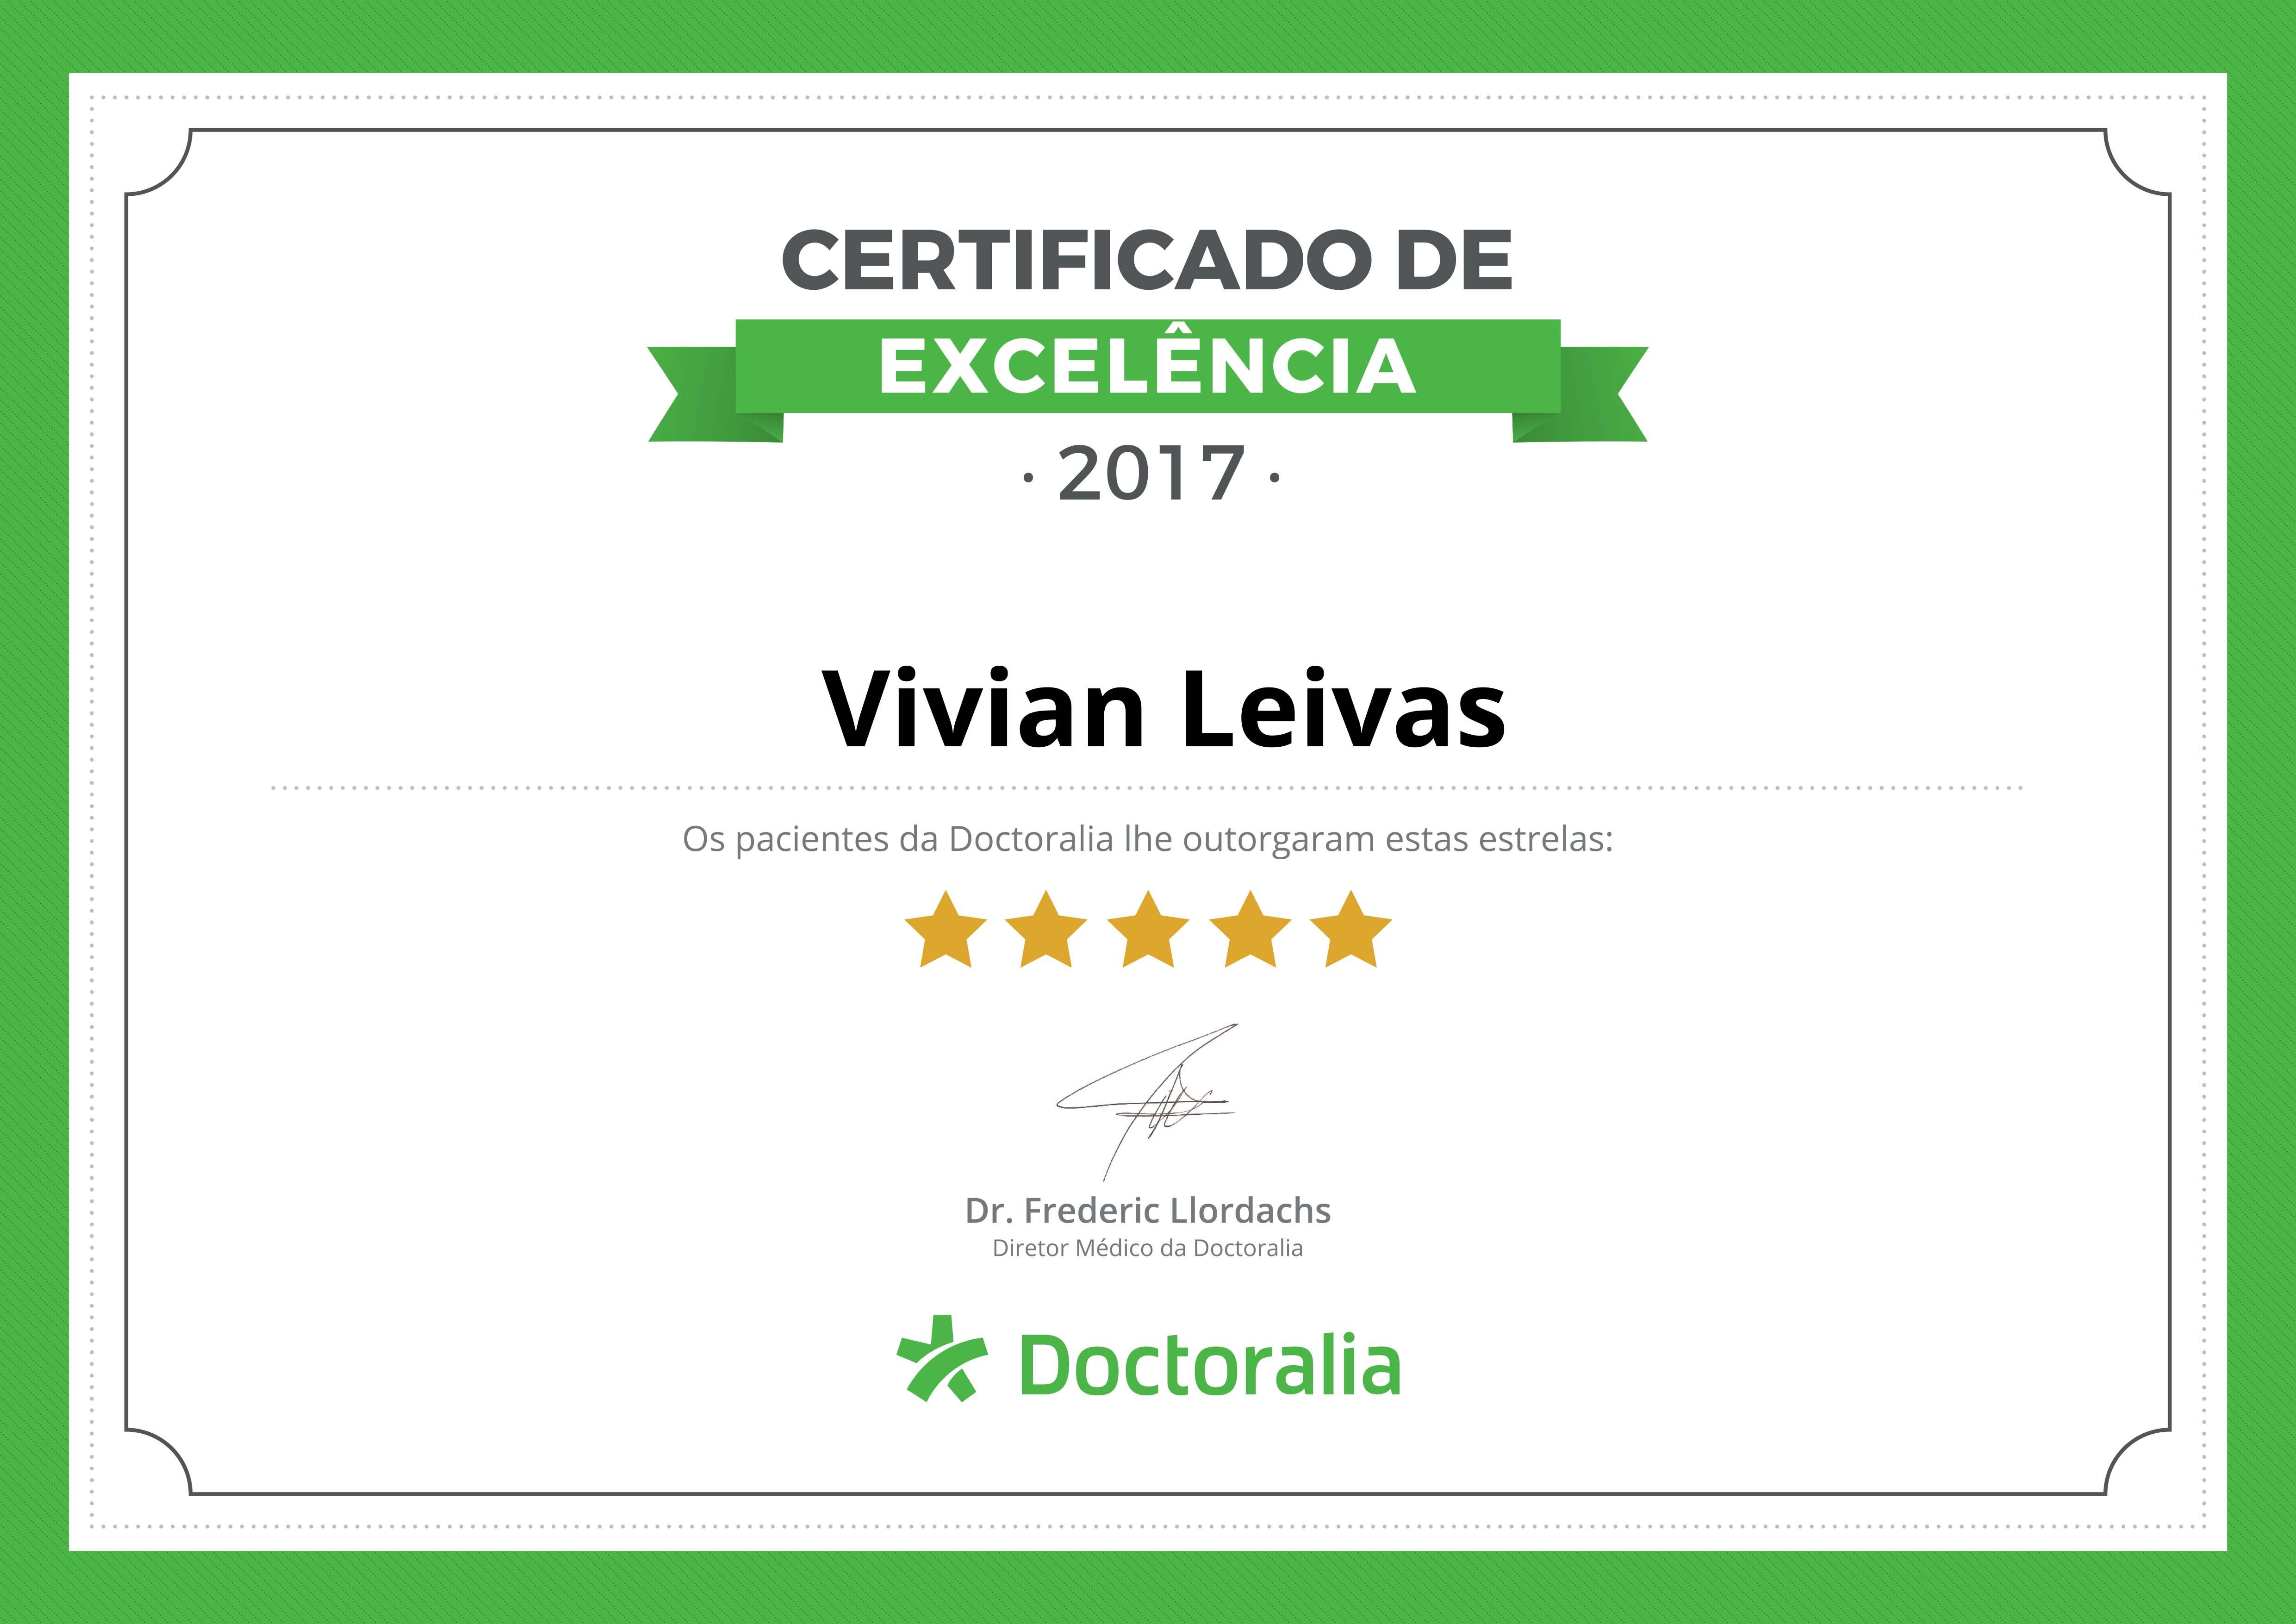 certificado_doctoralia_5_estrellas_pt